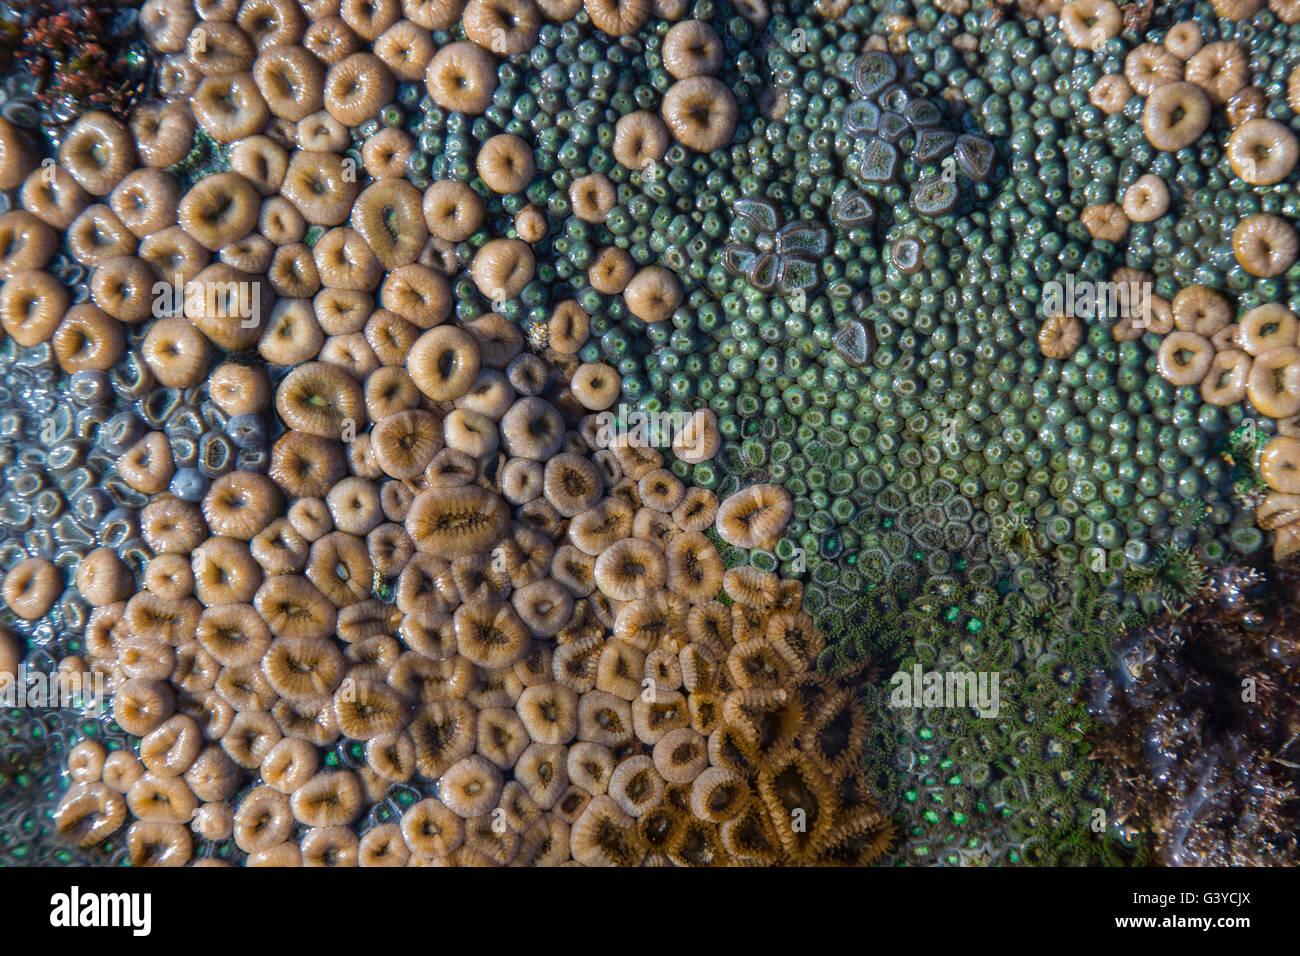 Divers Zoanthids corail mou ou sur les rochers dans la zone intertidale au Mozambique Photo Stock